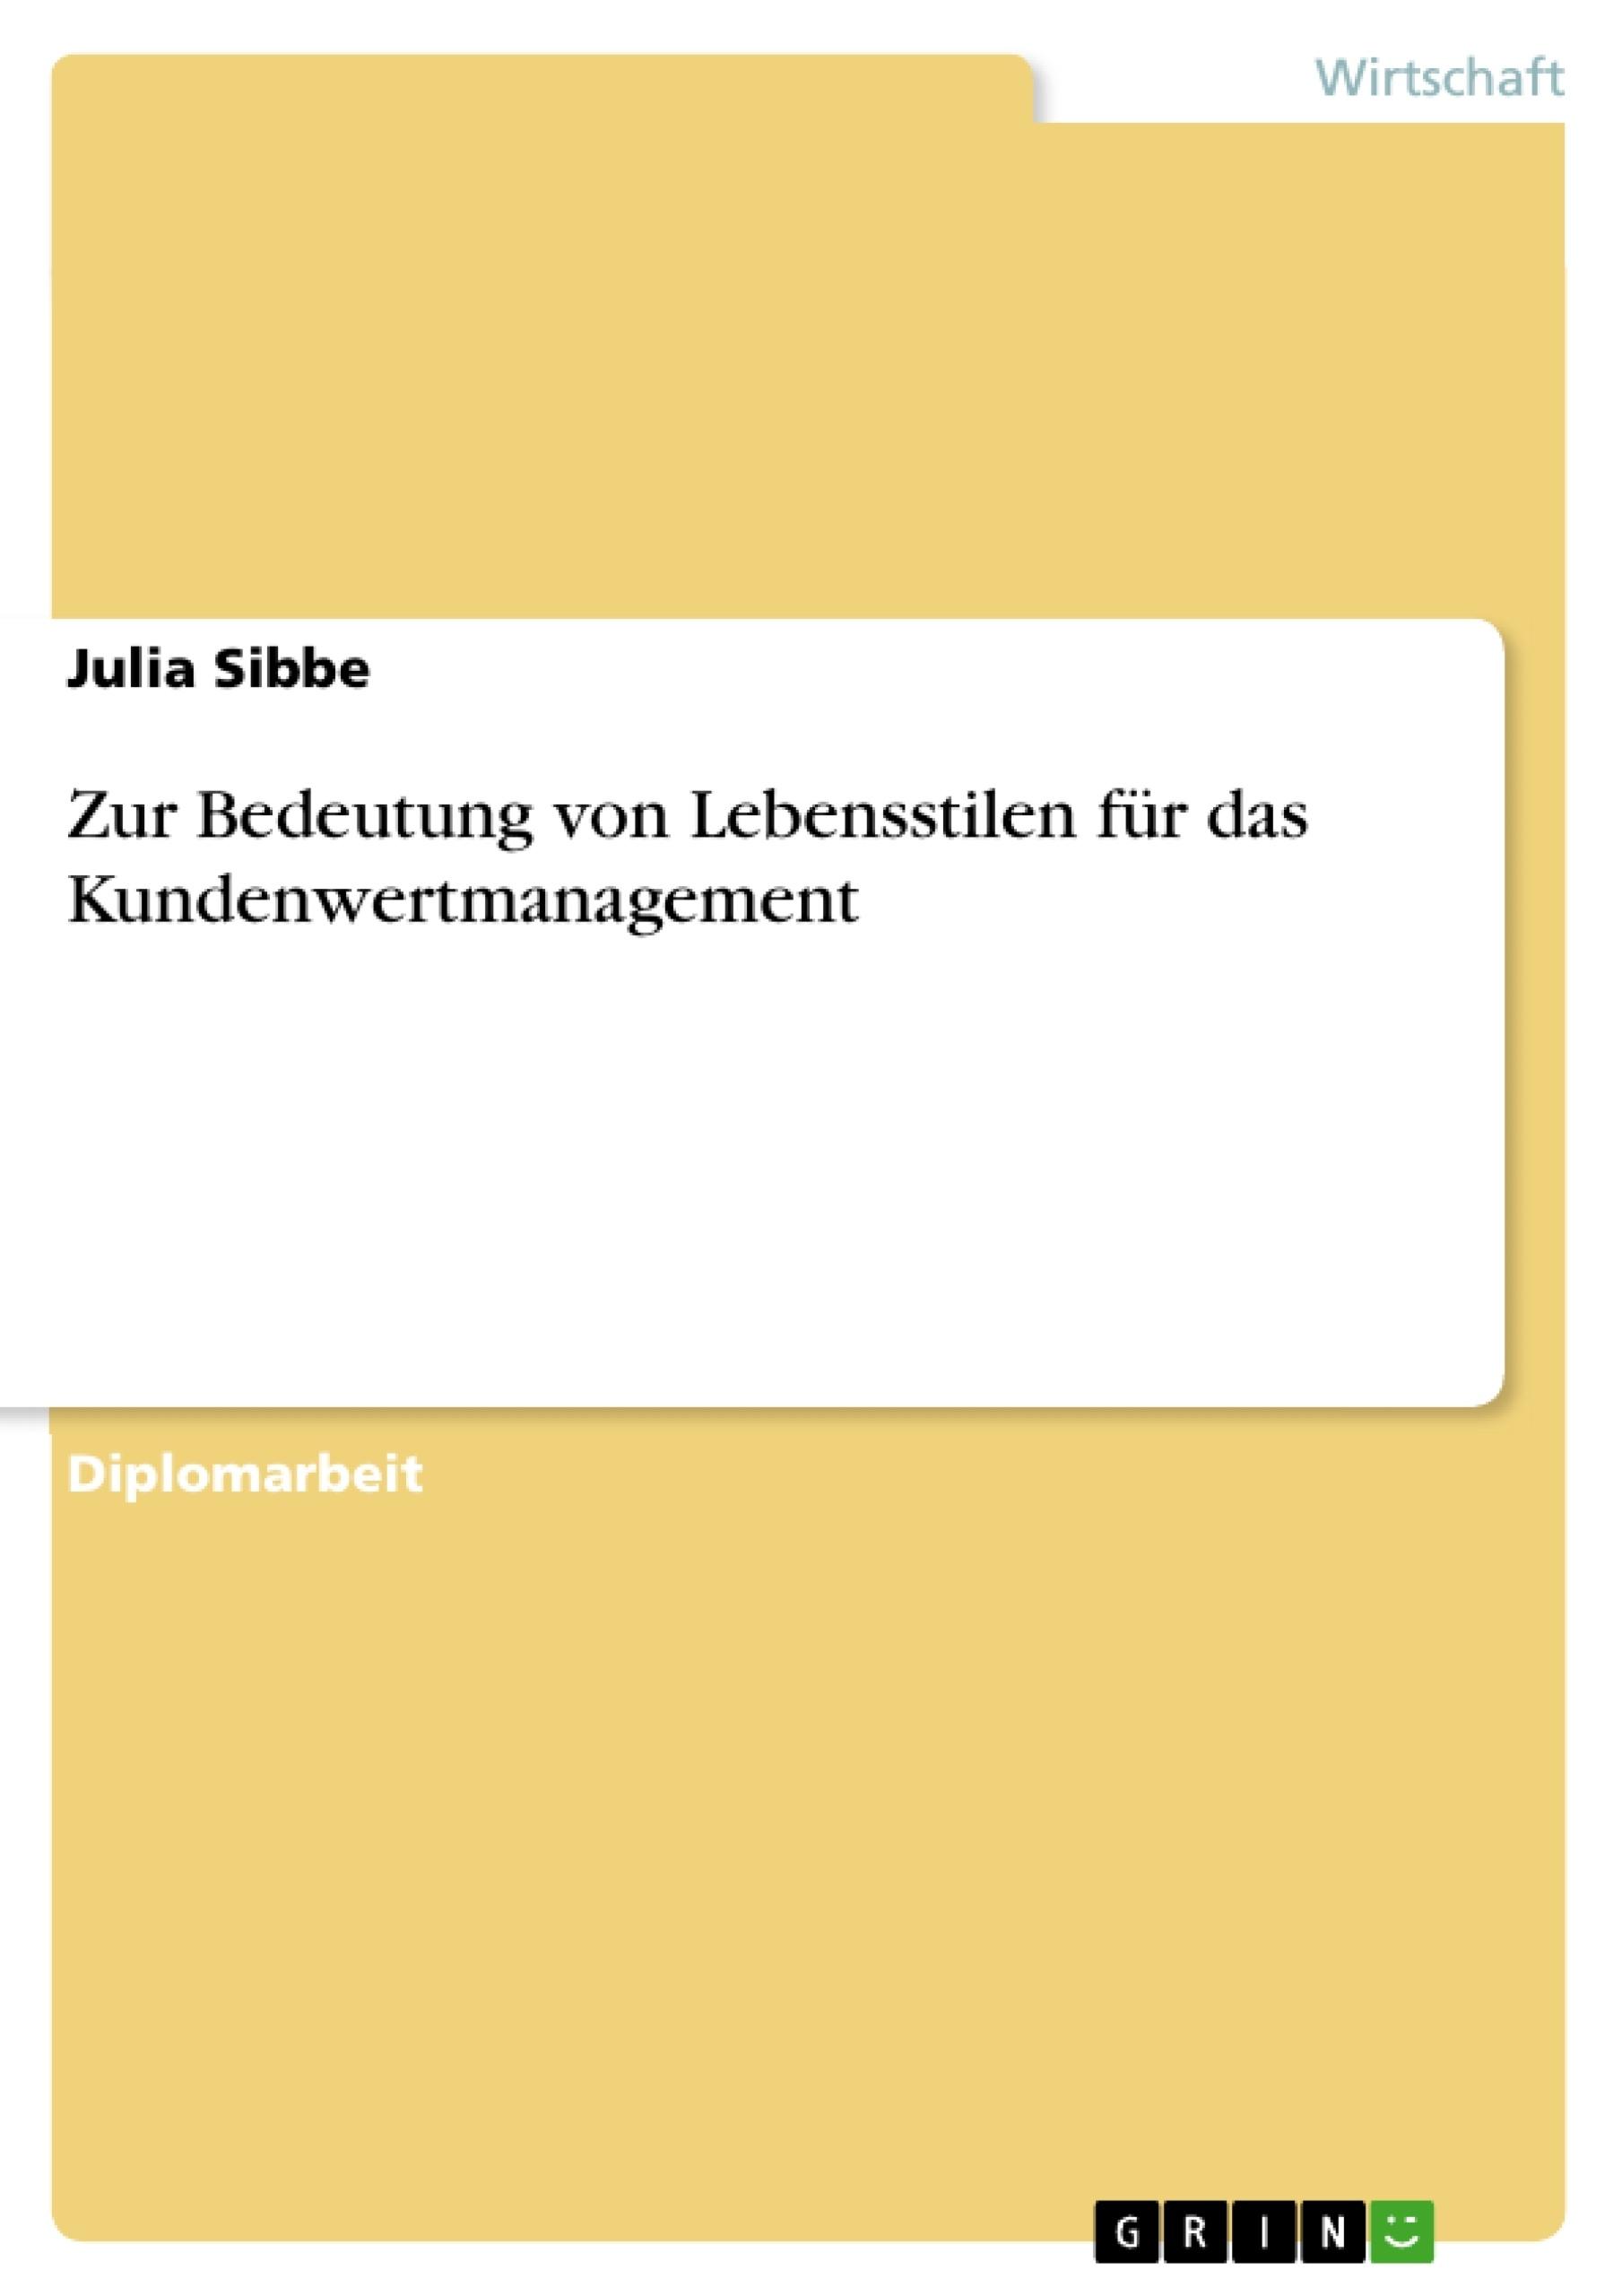 Titel: Zur Bedeutung von Lebensstilen für das Kundenwertmanagement